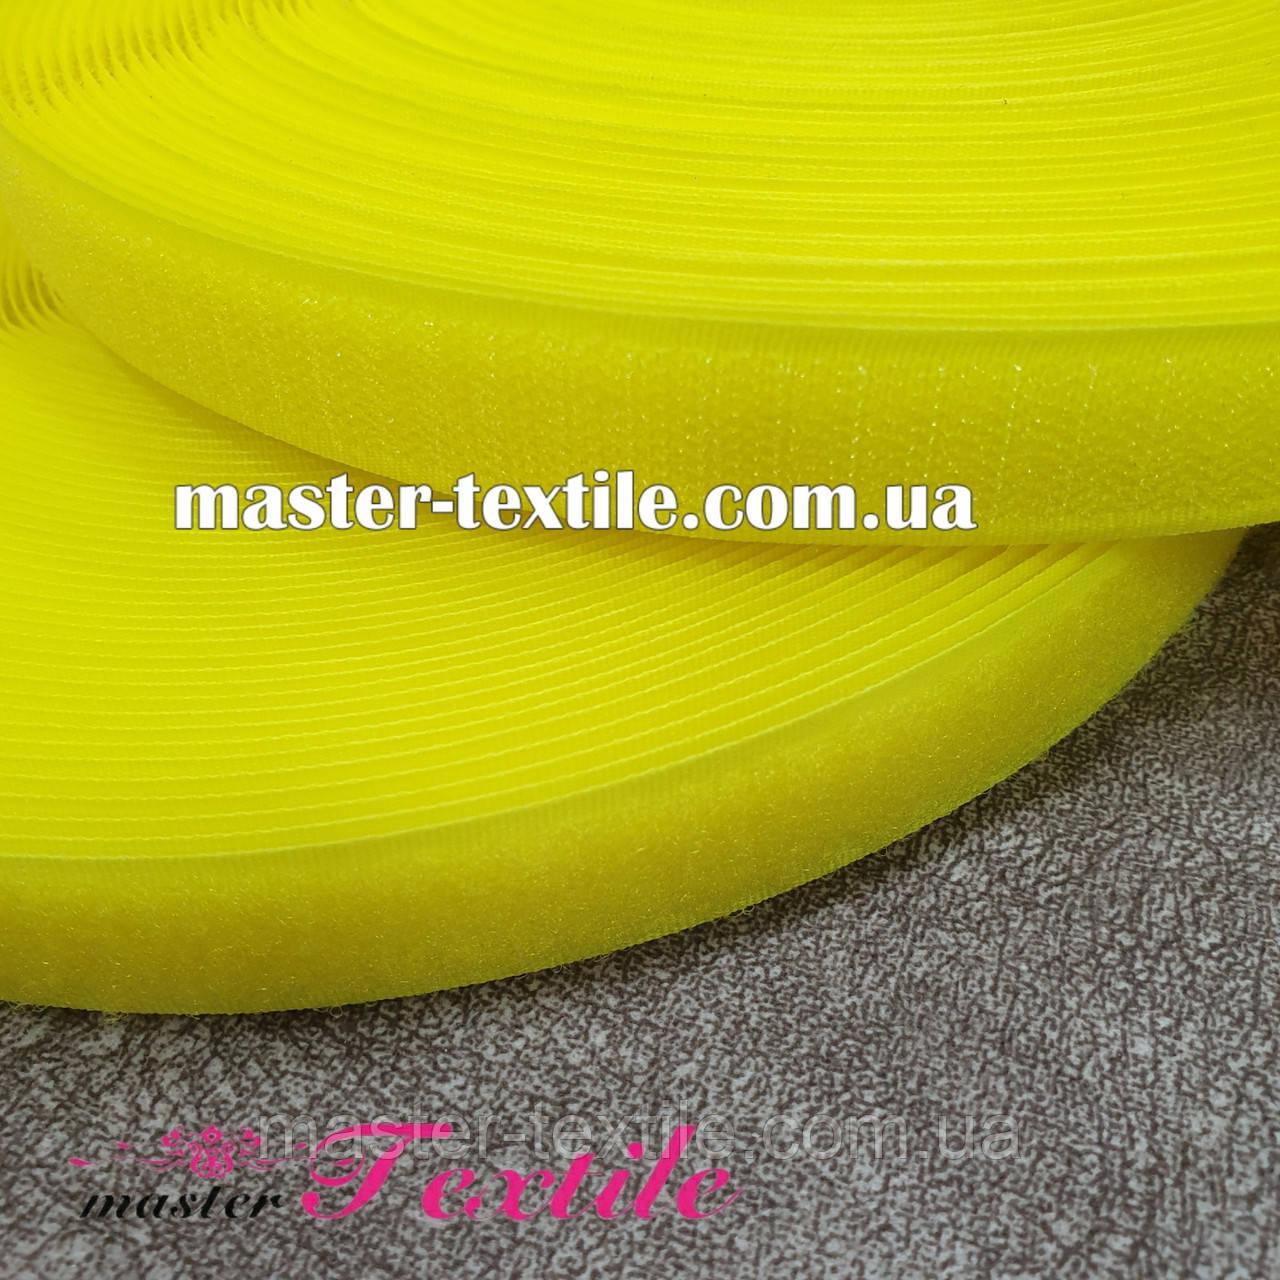 Липучка текстильная 20 мм, 25 метров (жёлтая)